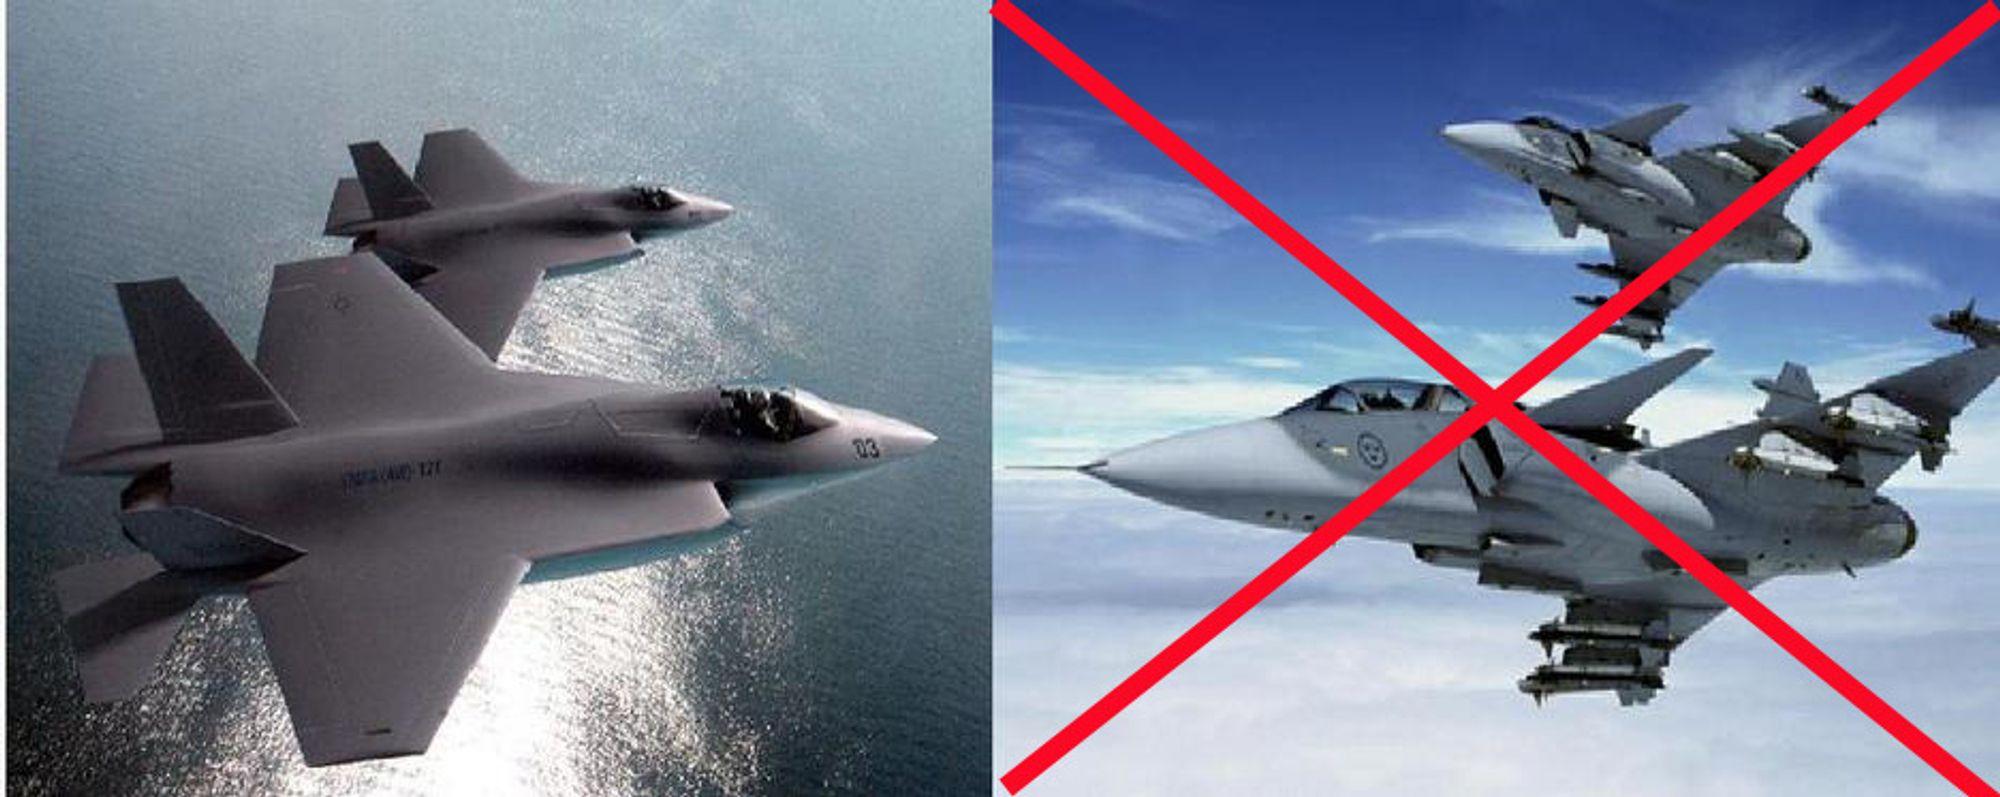 KAMPFLYKAMP: Duellen ble ikke bare mellom utkjempet mellom svenske JAS Gripen og amerikanske JSF (til venstre), men også mellom industripartnere og mulige partnere.